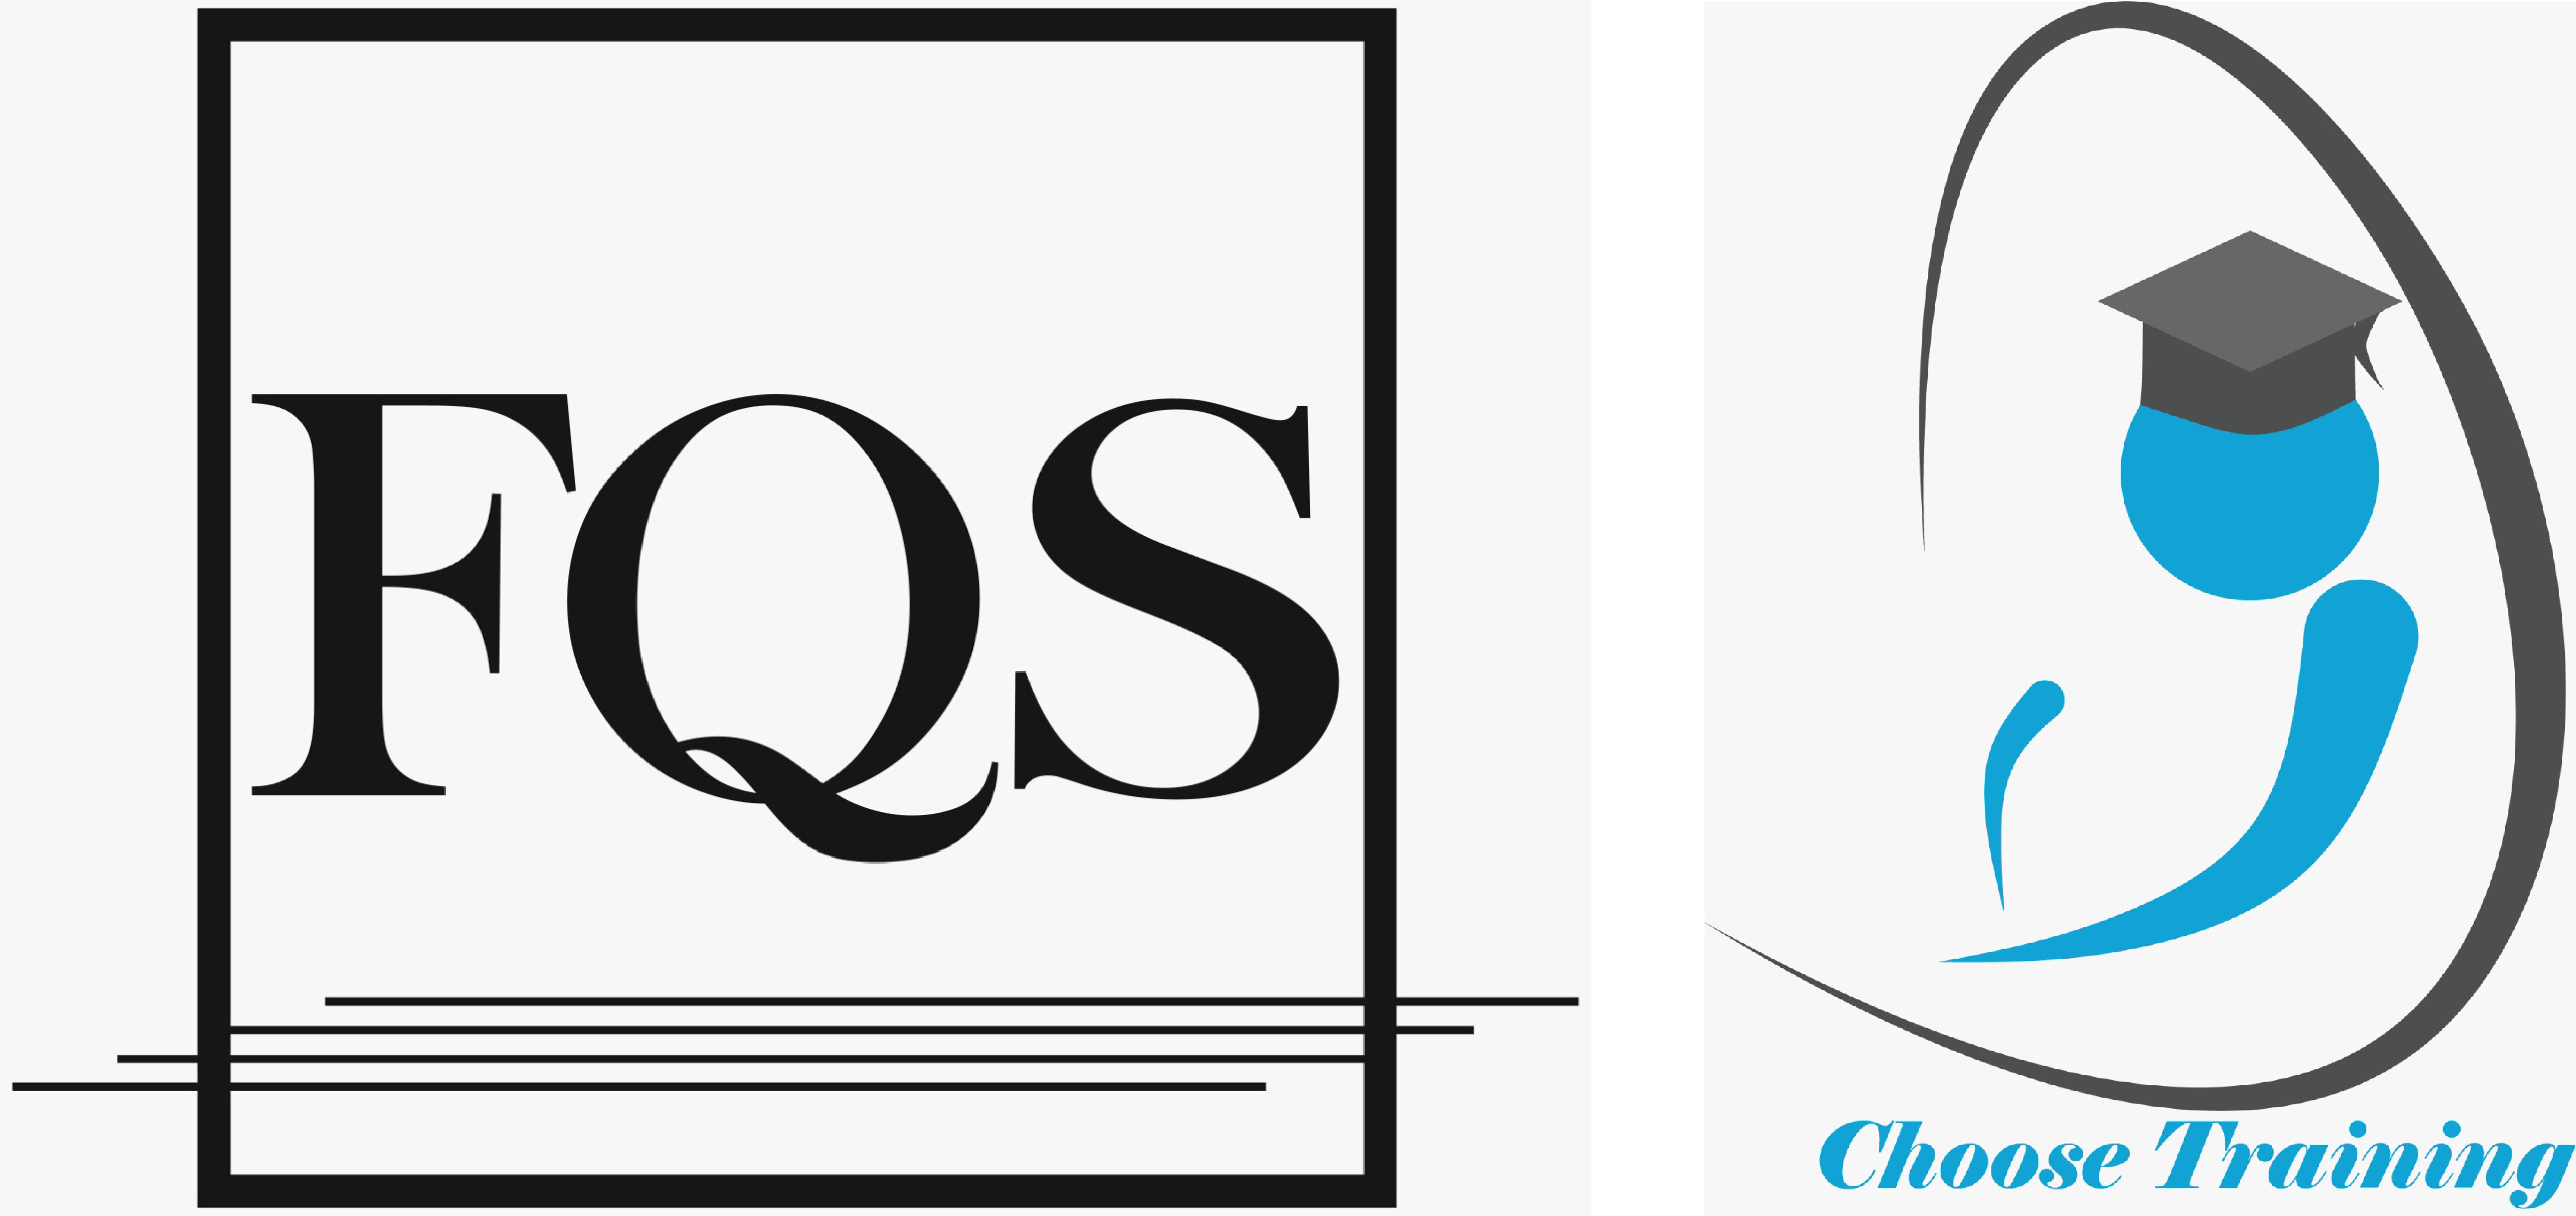 Logo_de07a87ca8215e7cd58fc55c0136fb5a.png